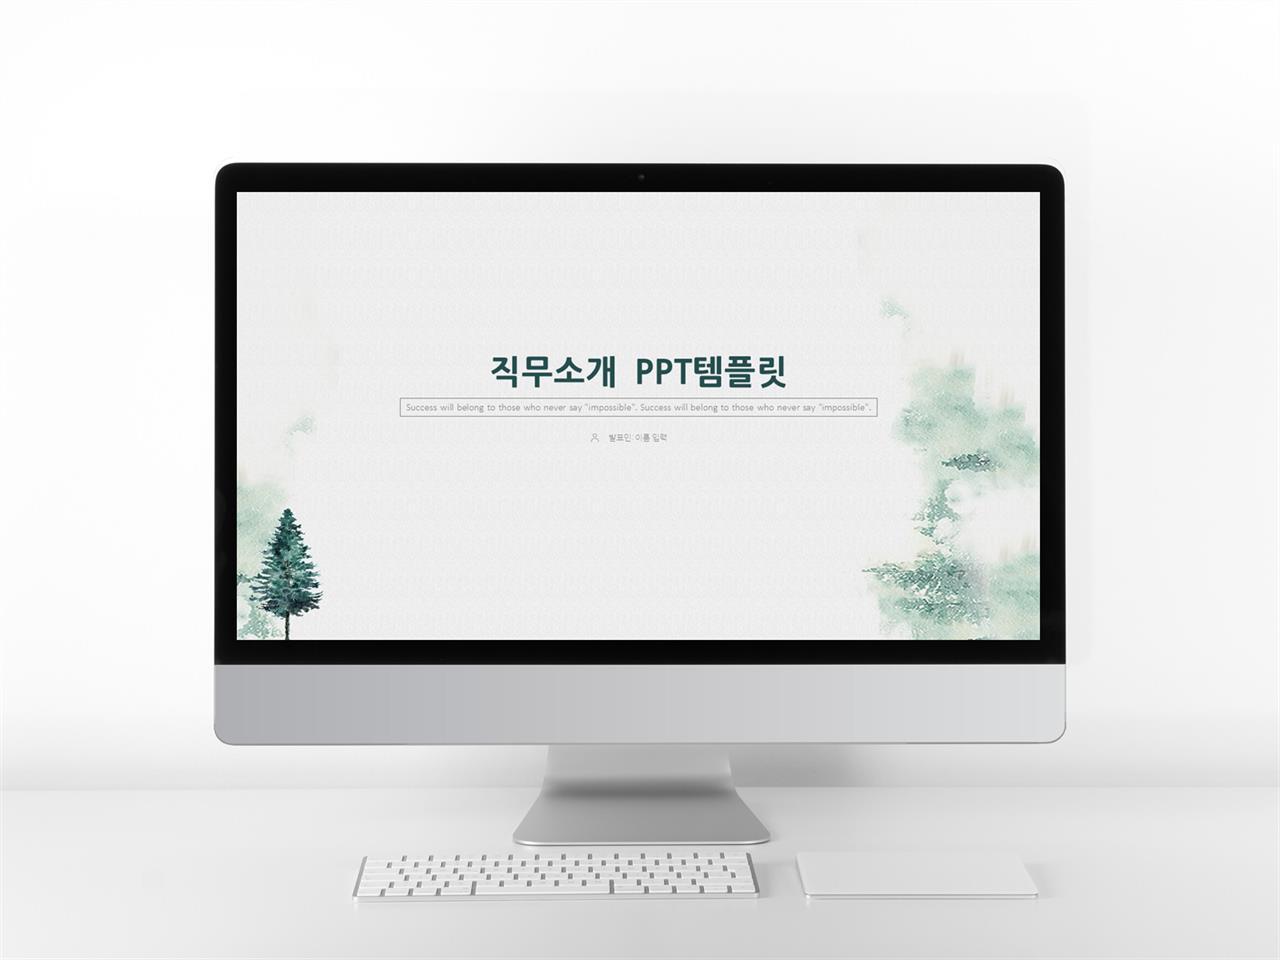 업무일지 풀색 단조로운 고급스럽운 피피티서식 사이트 미리보기